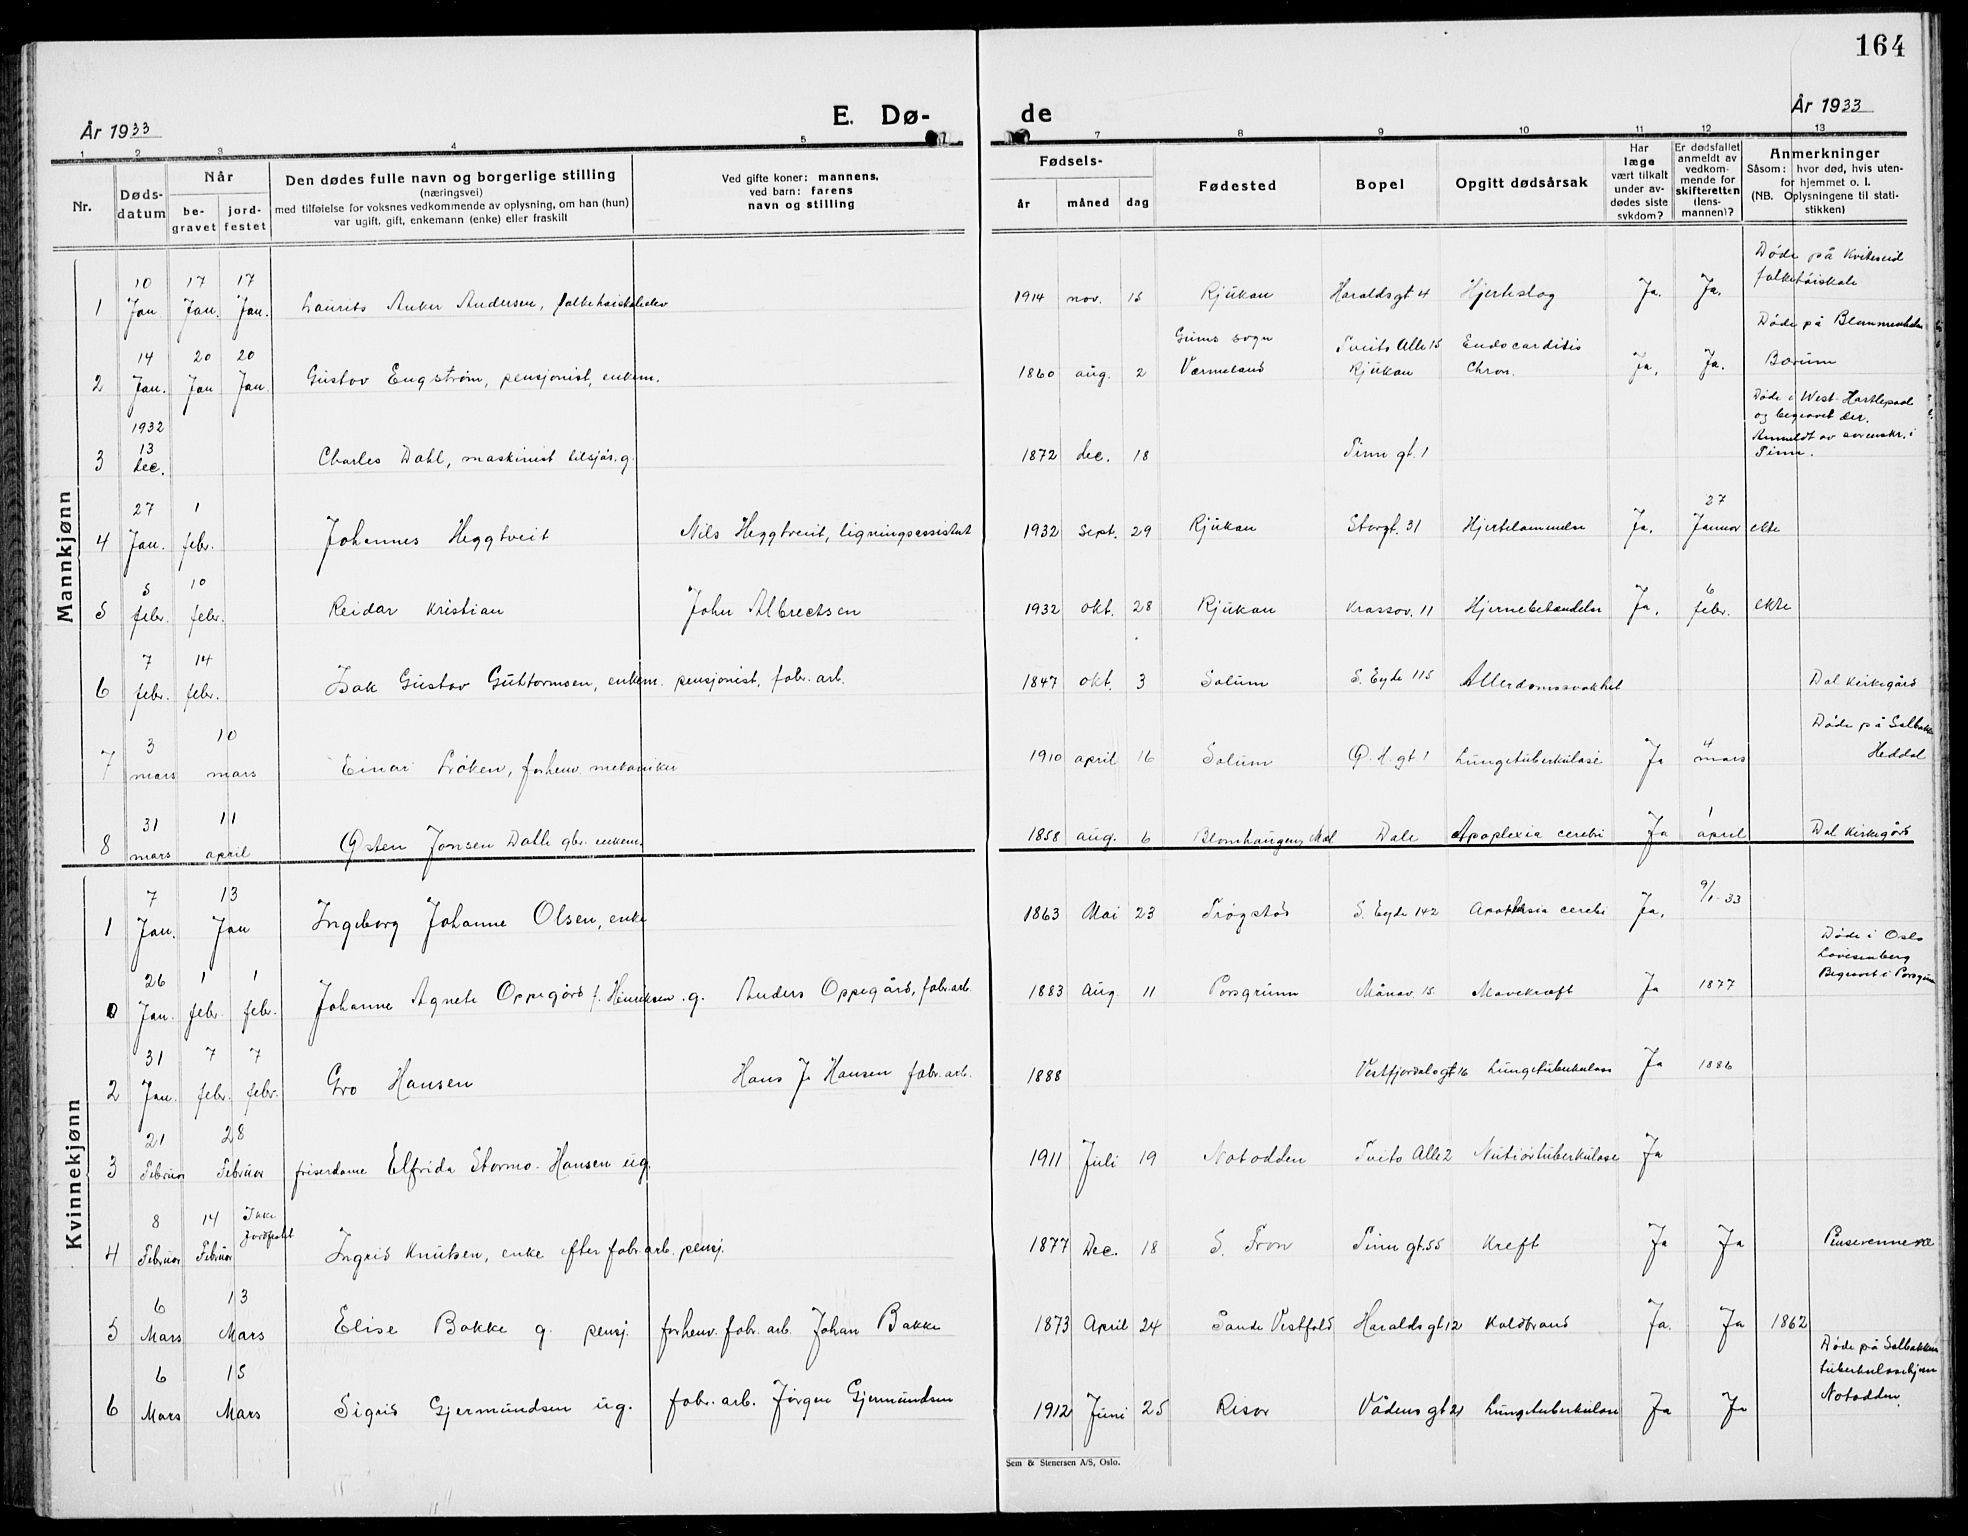 SAKO, Rjukan kirkebøker, G/Ga/L0005: Klokkerbok nr. 5, 1928-1937, s. 164